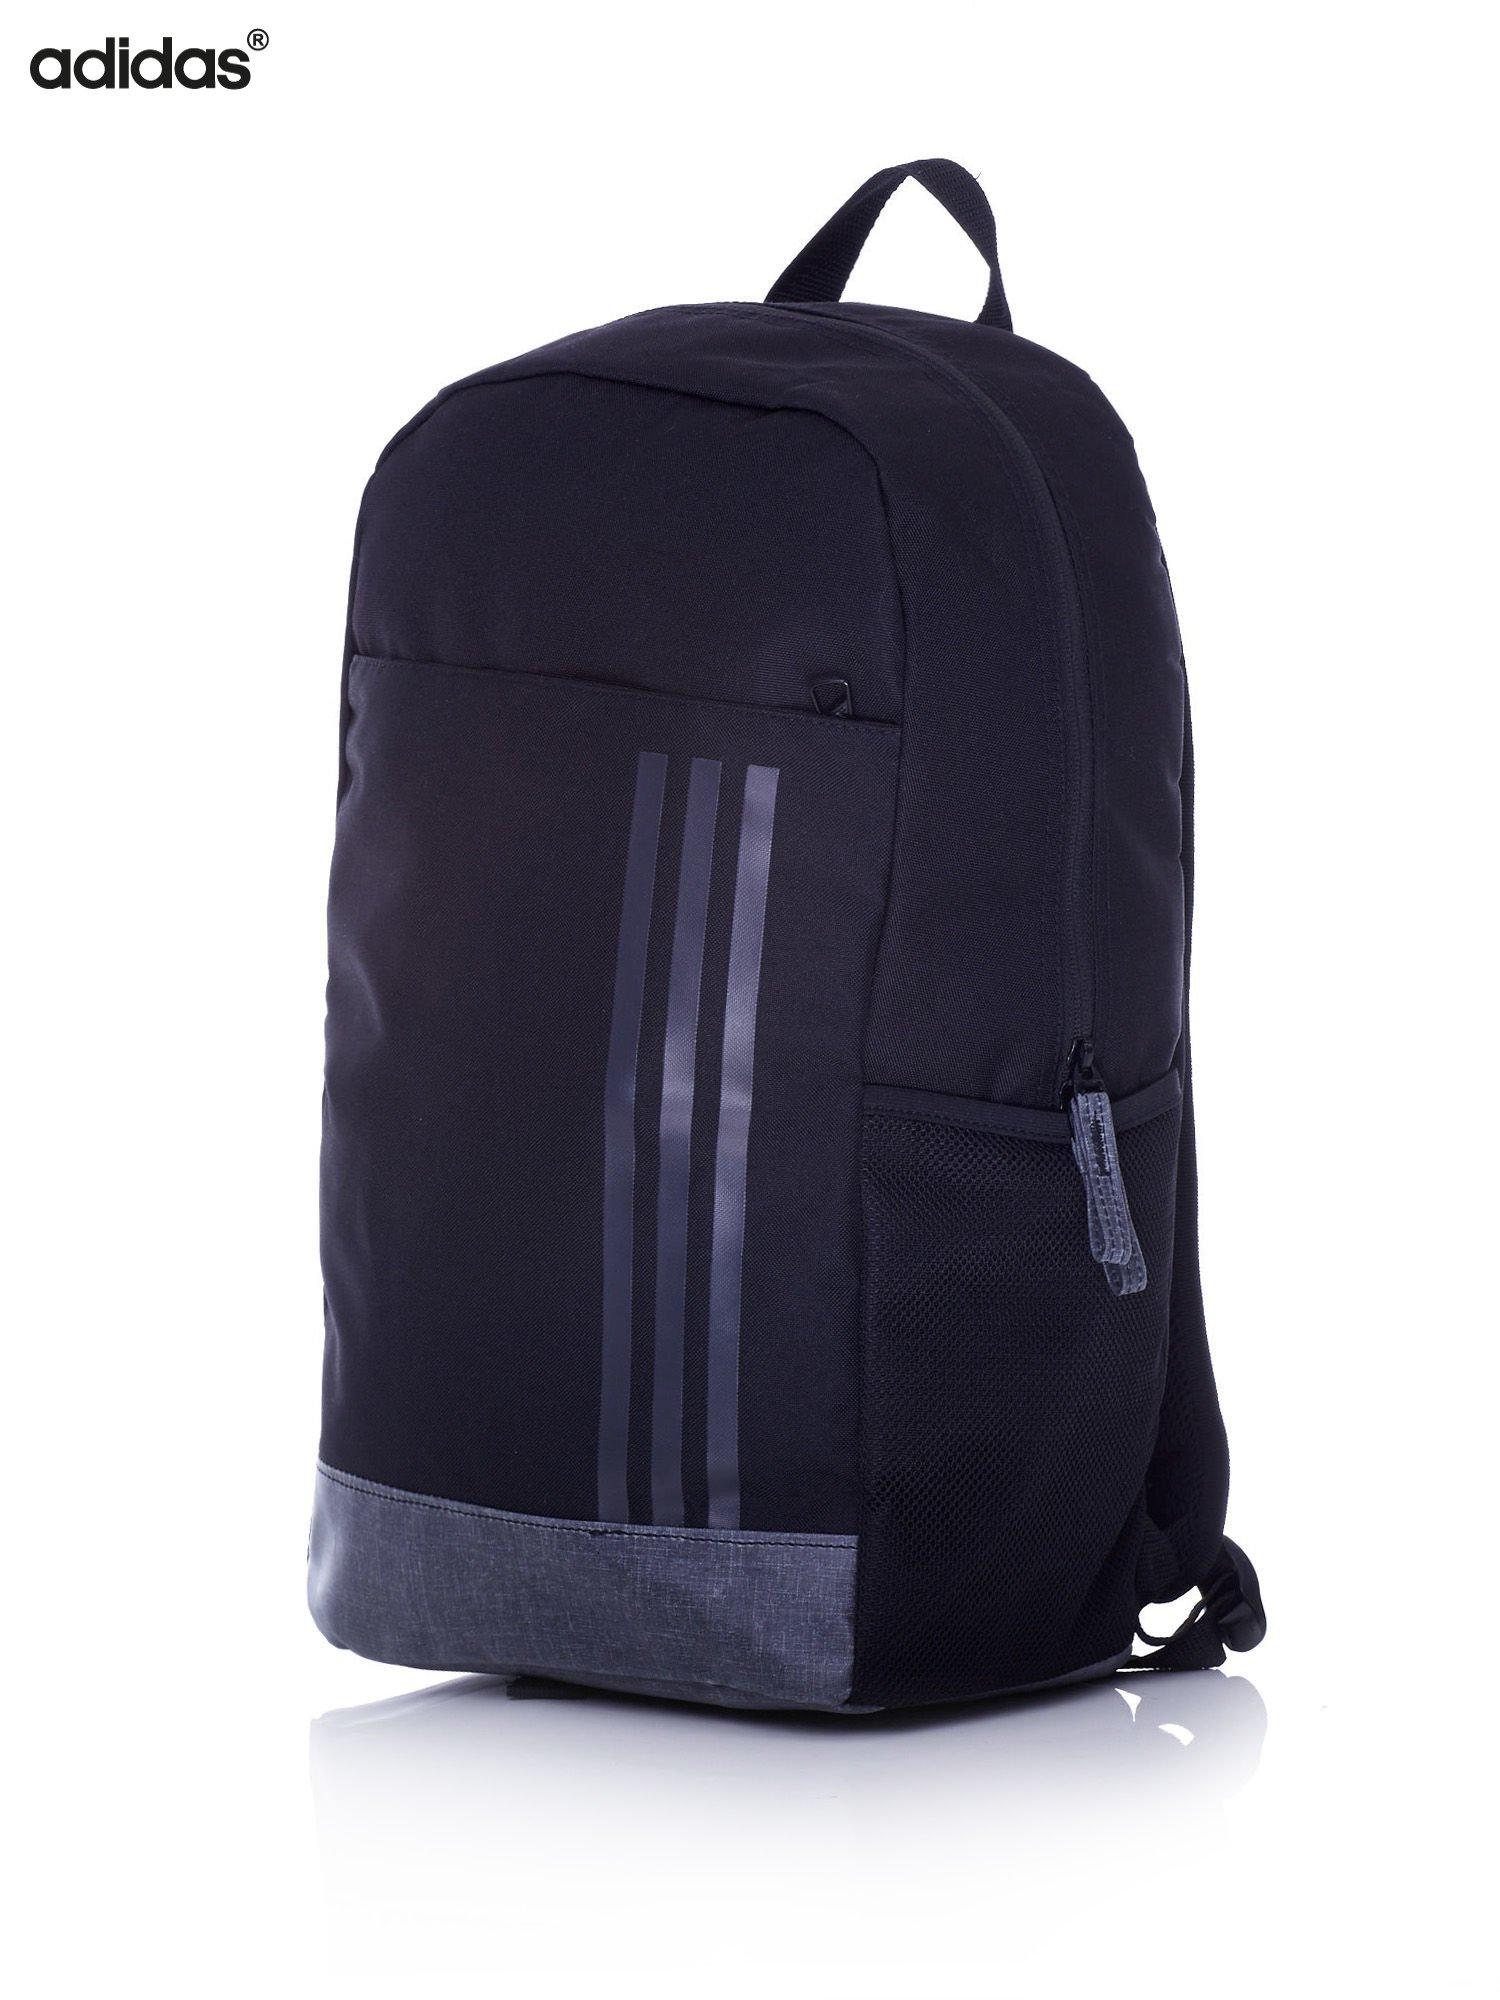 81e77b1e2a5e1 ADIDAS Czarny plecak szkolny z bocznymi kieszonkami - Dziecko ...